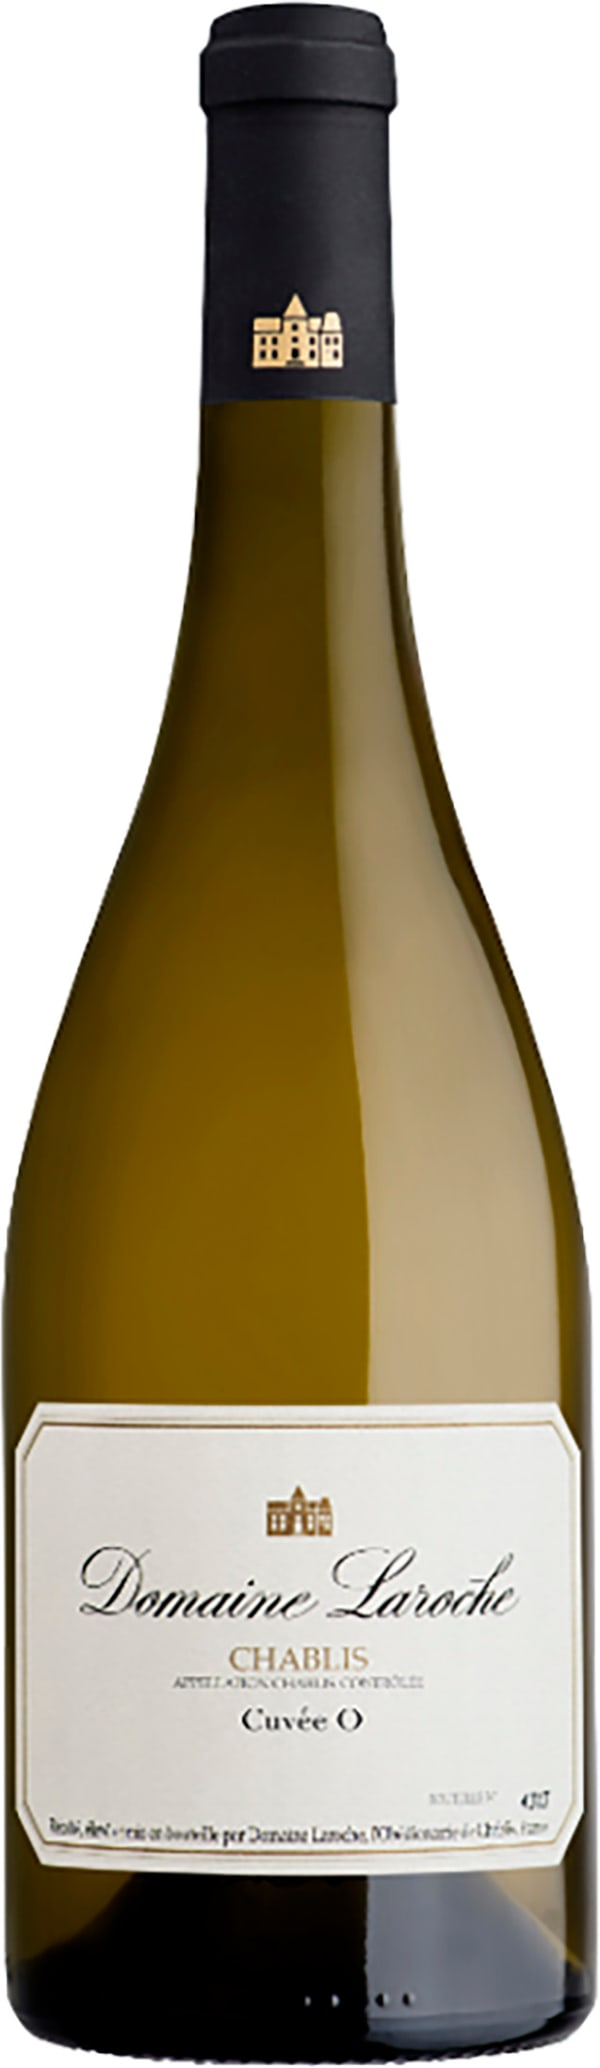 Domaine Laroche Chablis Cuvée 0 2018